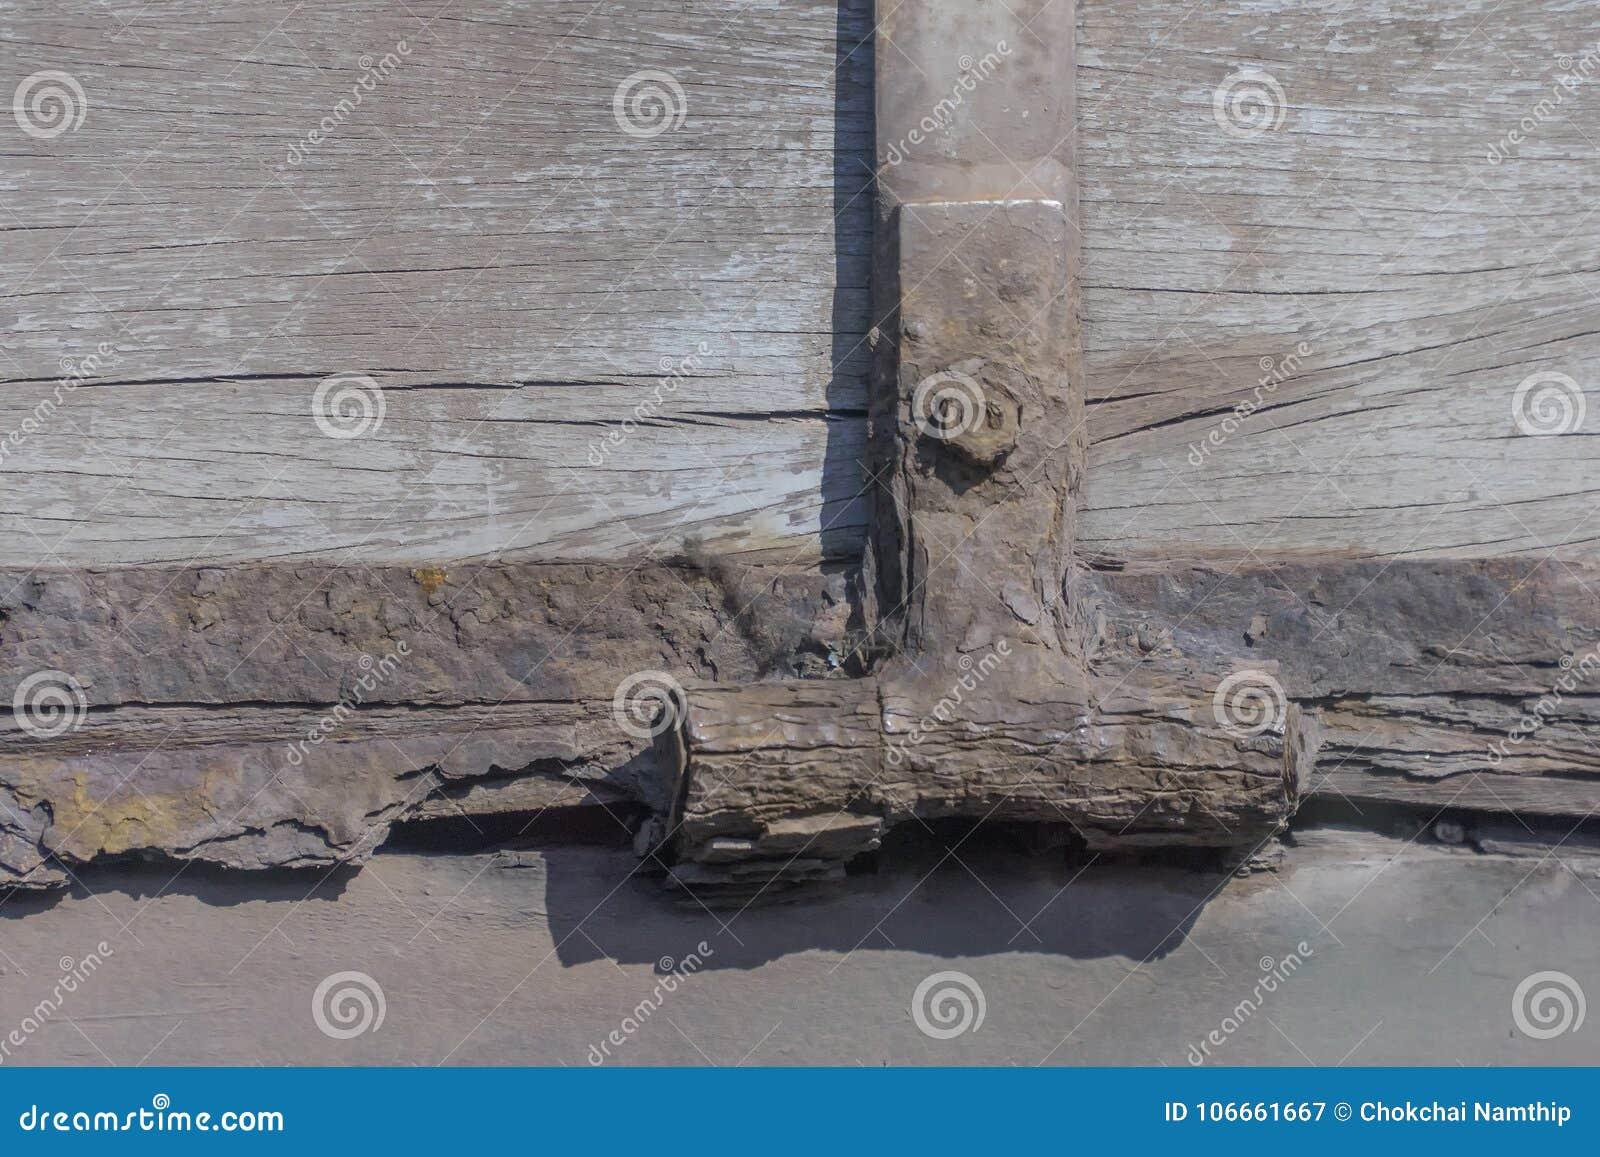 alte scharniere verrosten und nuss auf altem holz stockbild - bild